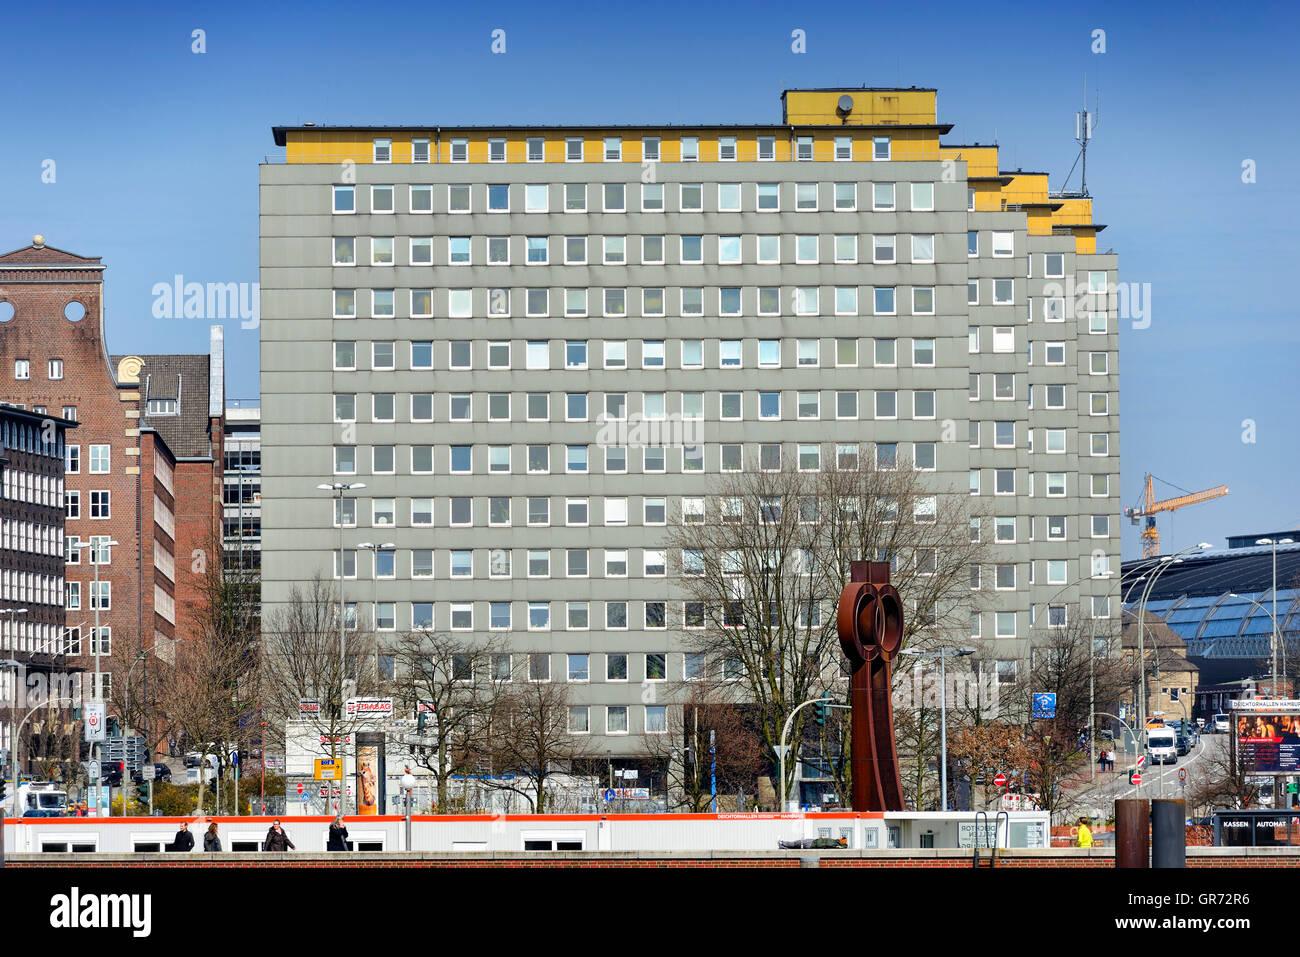 City Hof Buildings In Hamburg, Germany - Stock Image